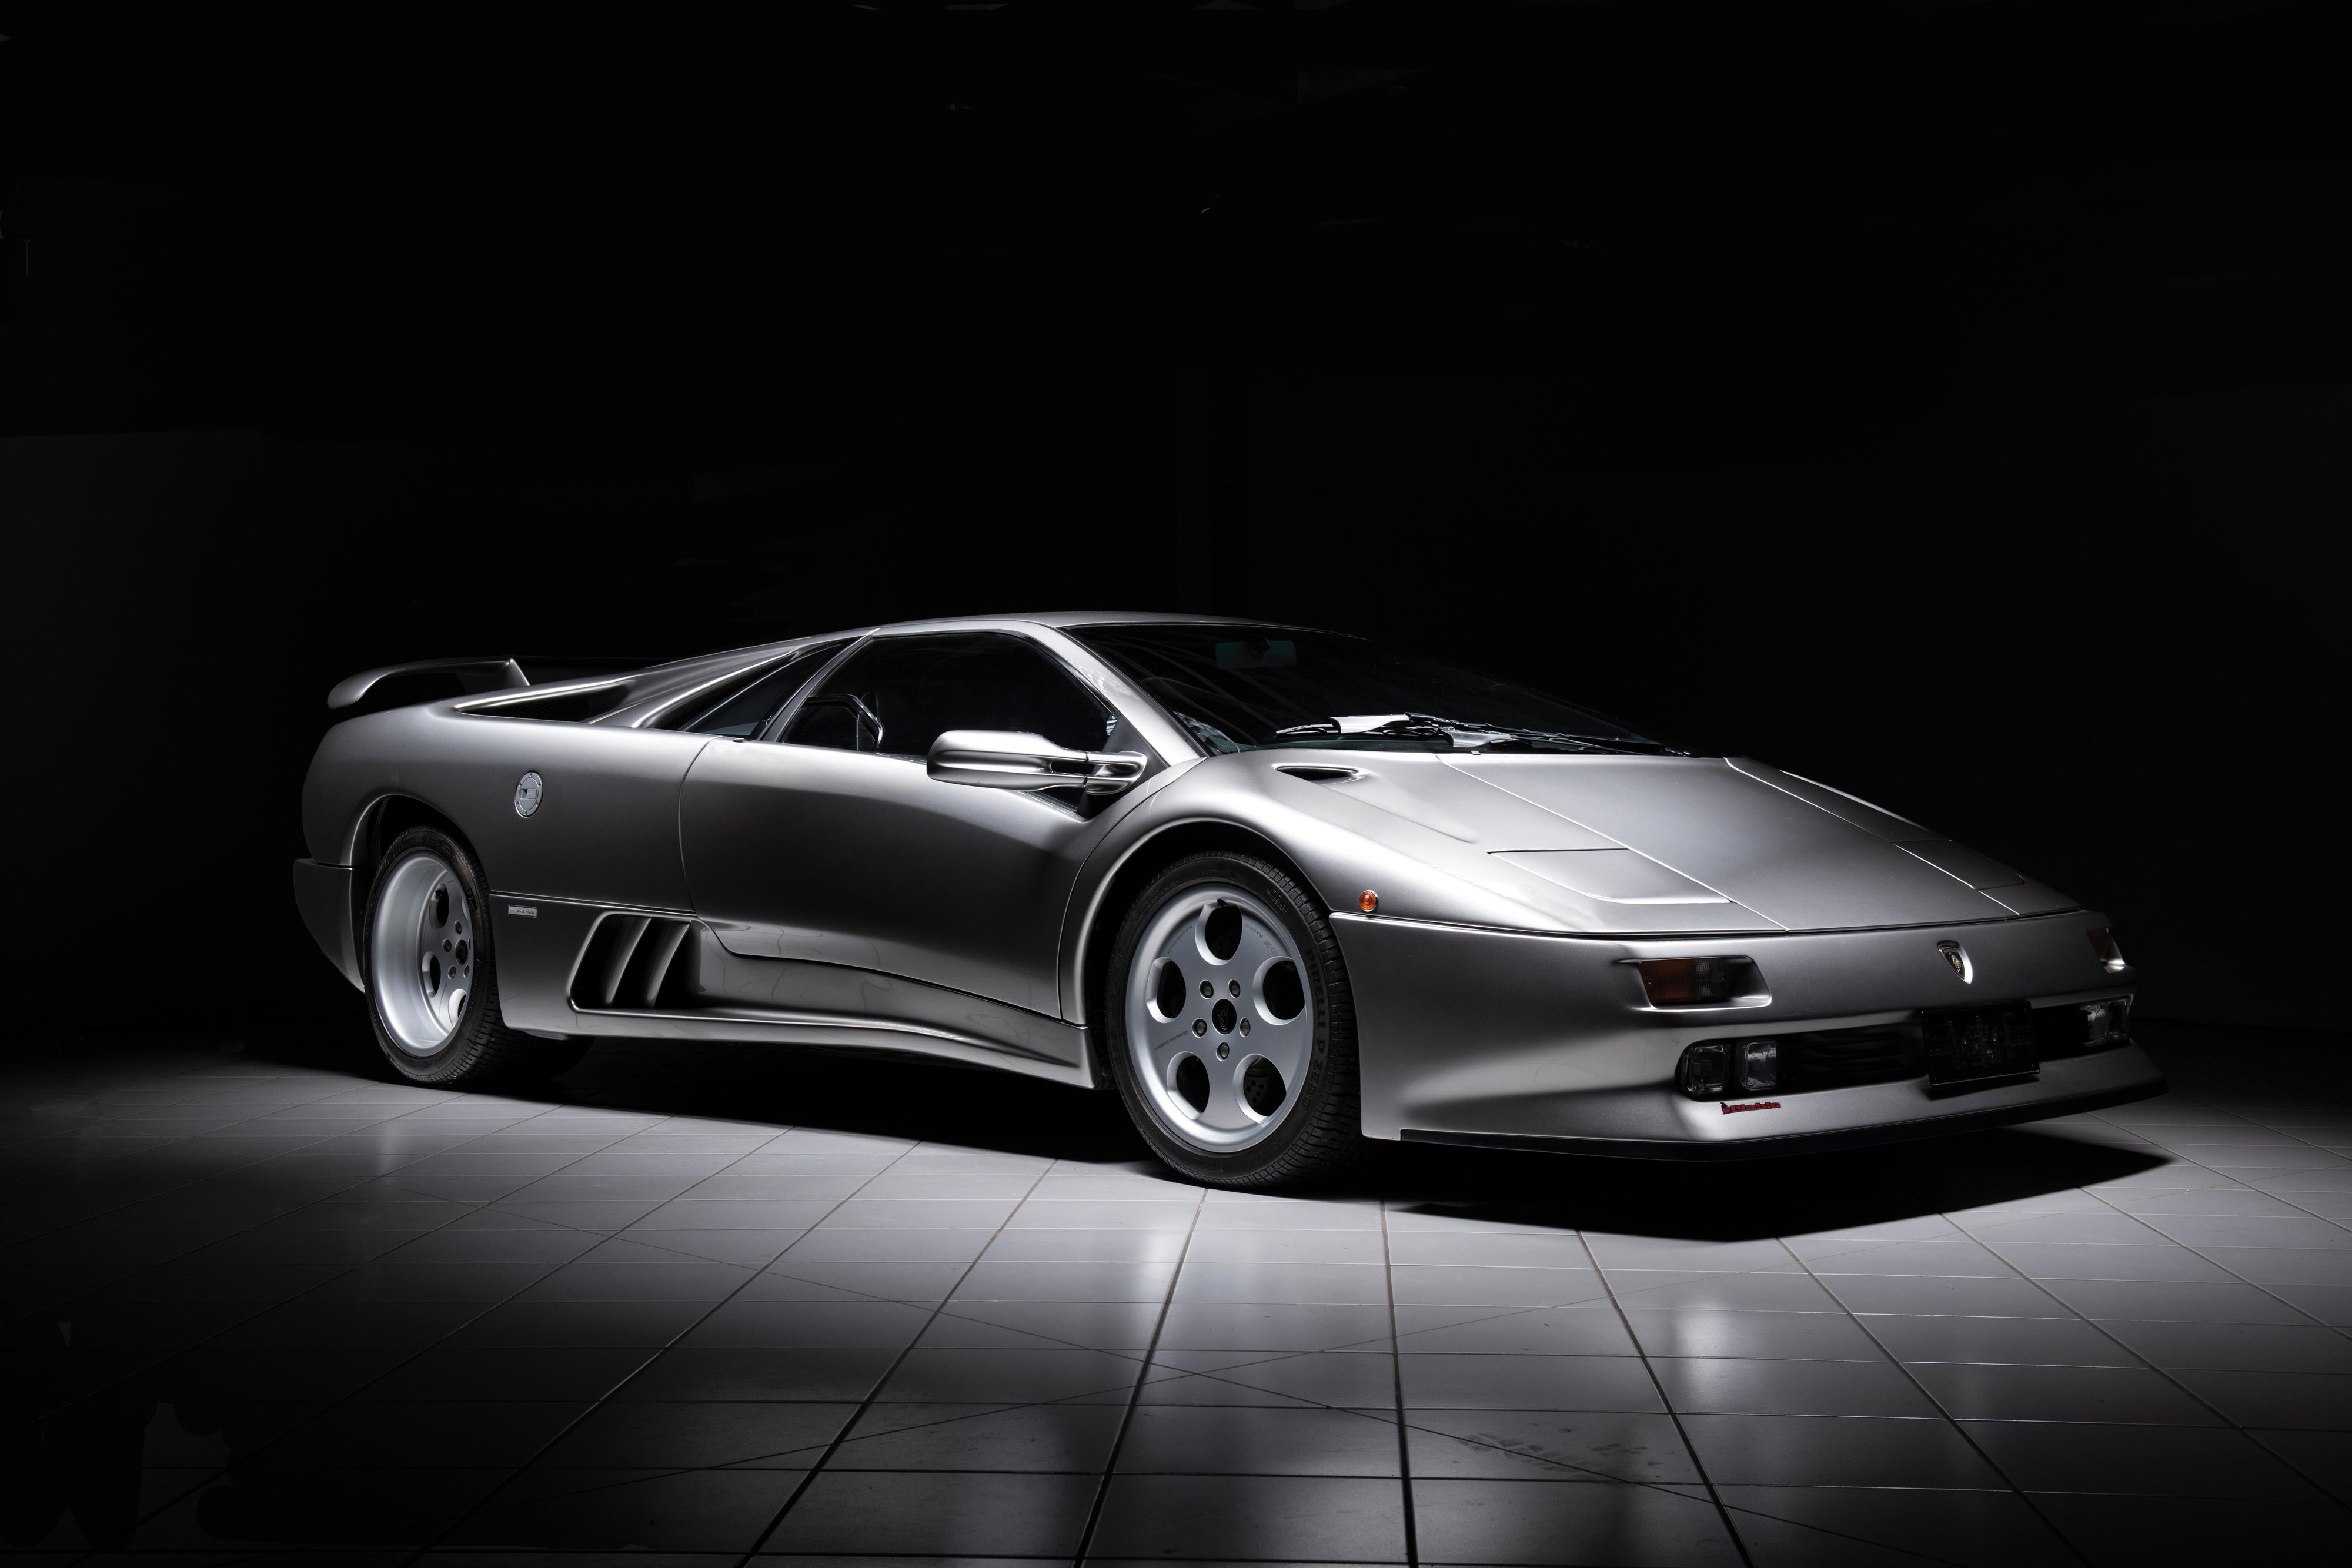 1996 Lamborghini Diablo SE3 - RM Sotheby's Essen Sale